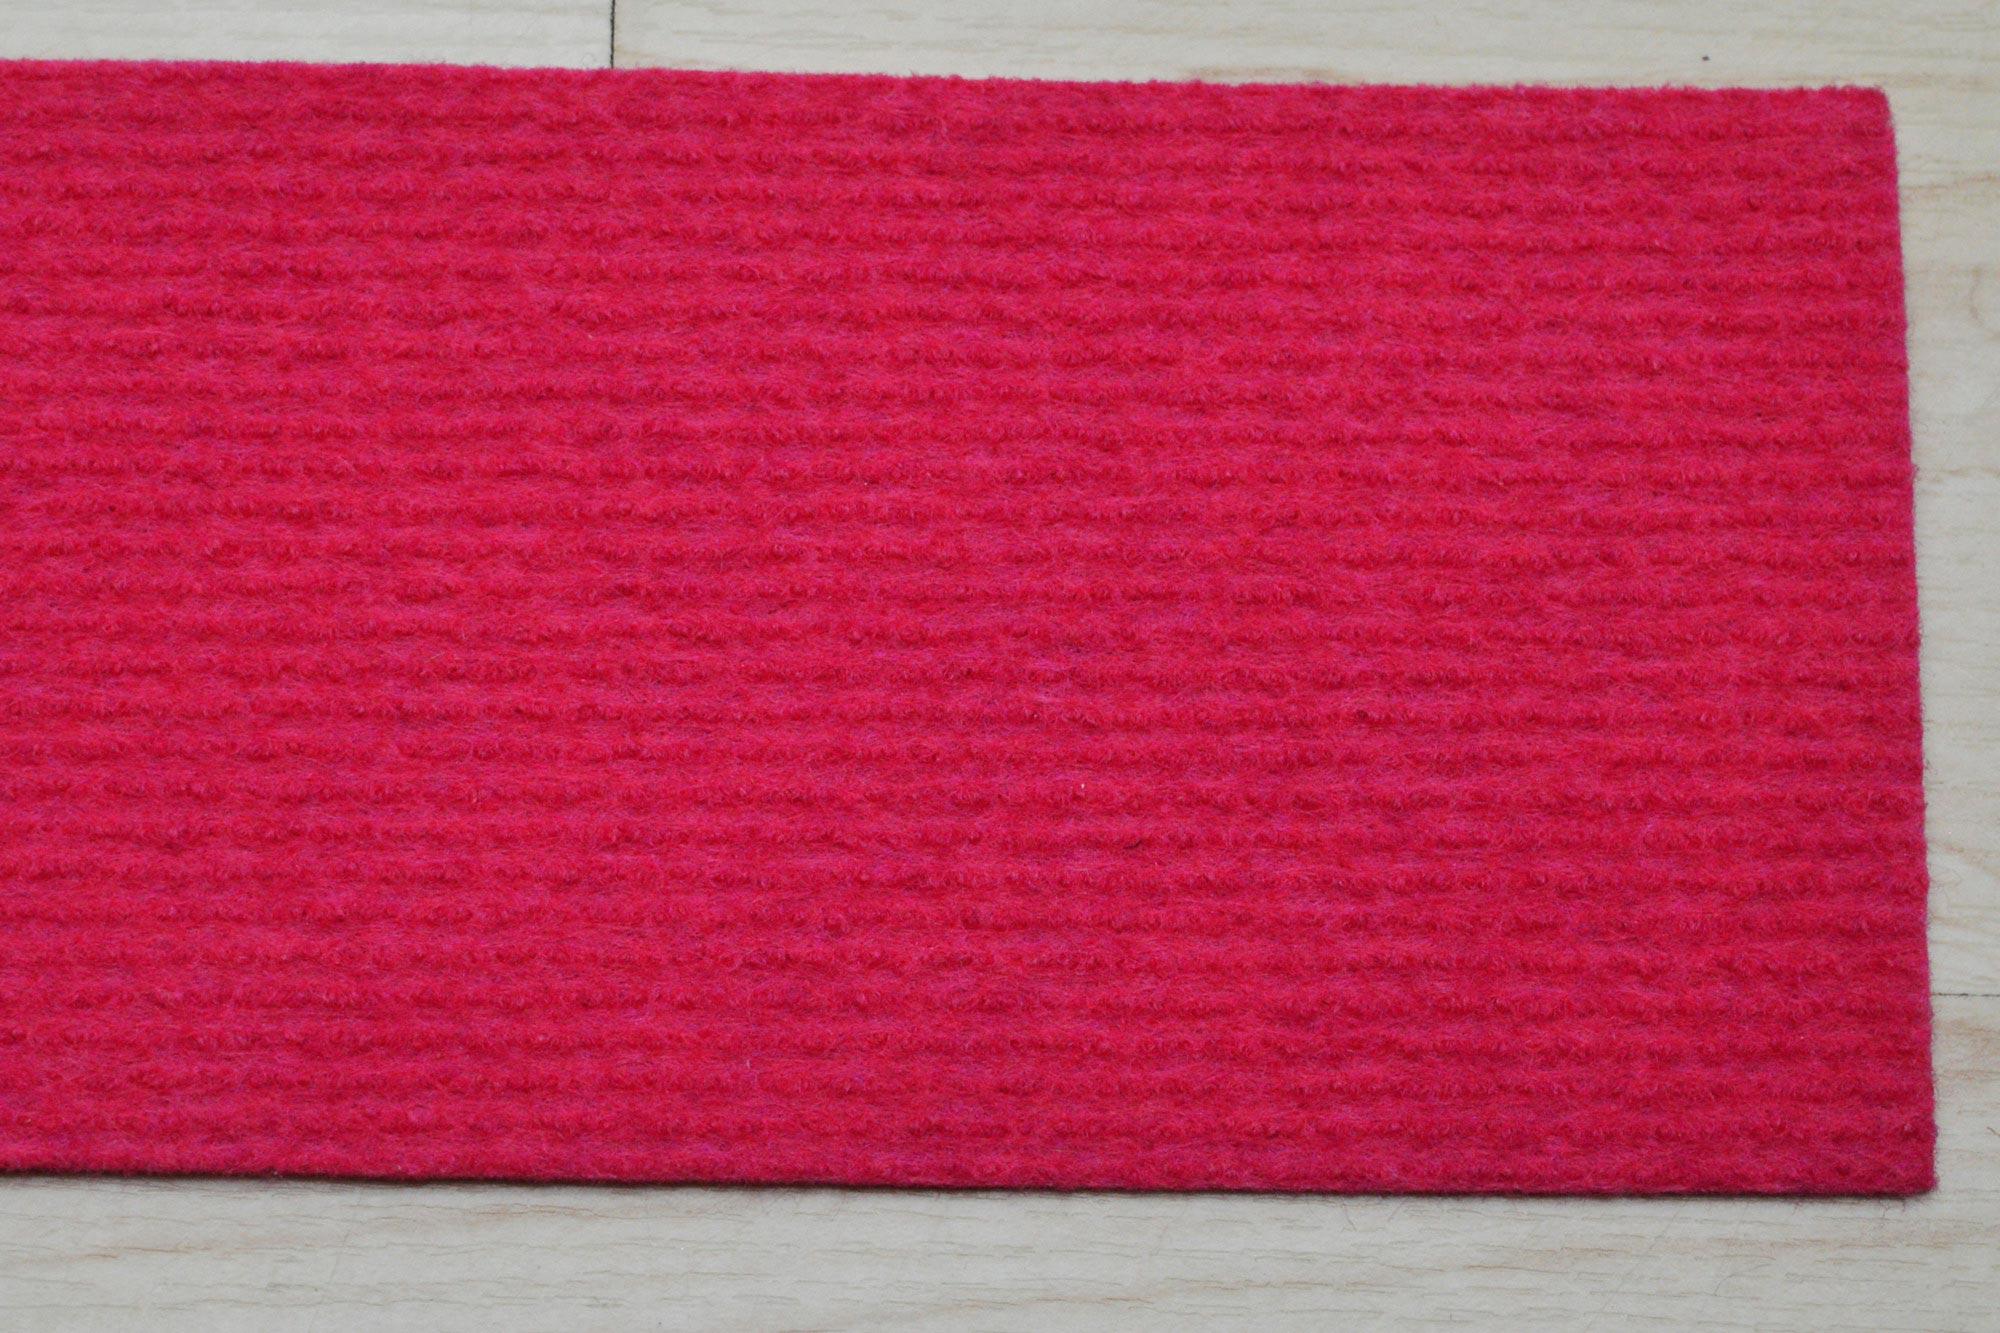 Μοκέτα Resine 3012 Raspberry Fuchsia 200X…